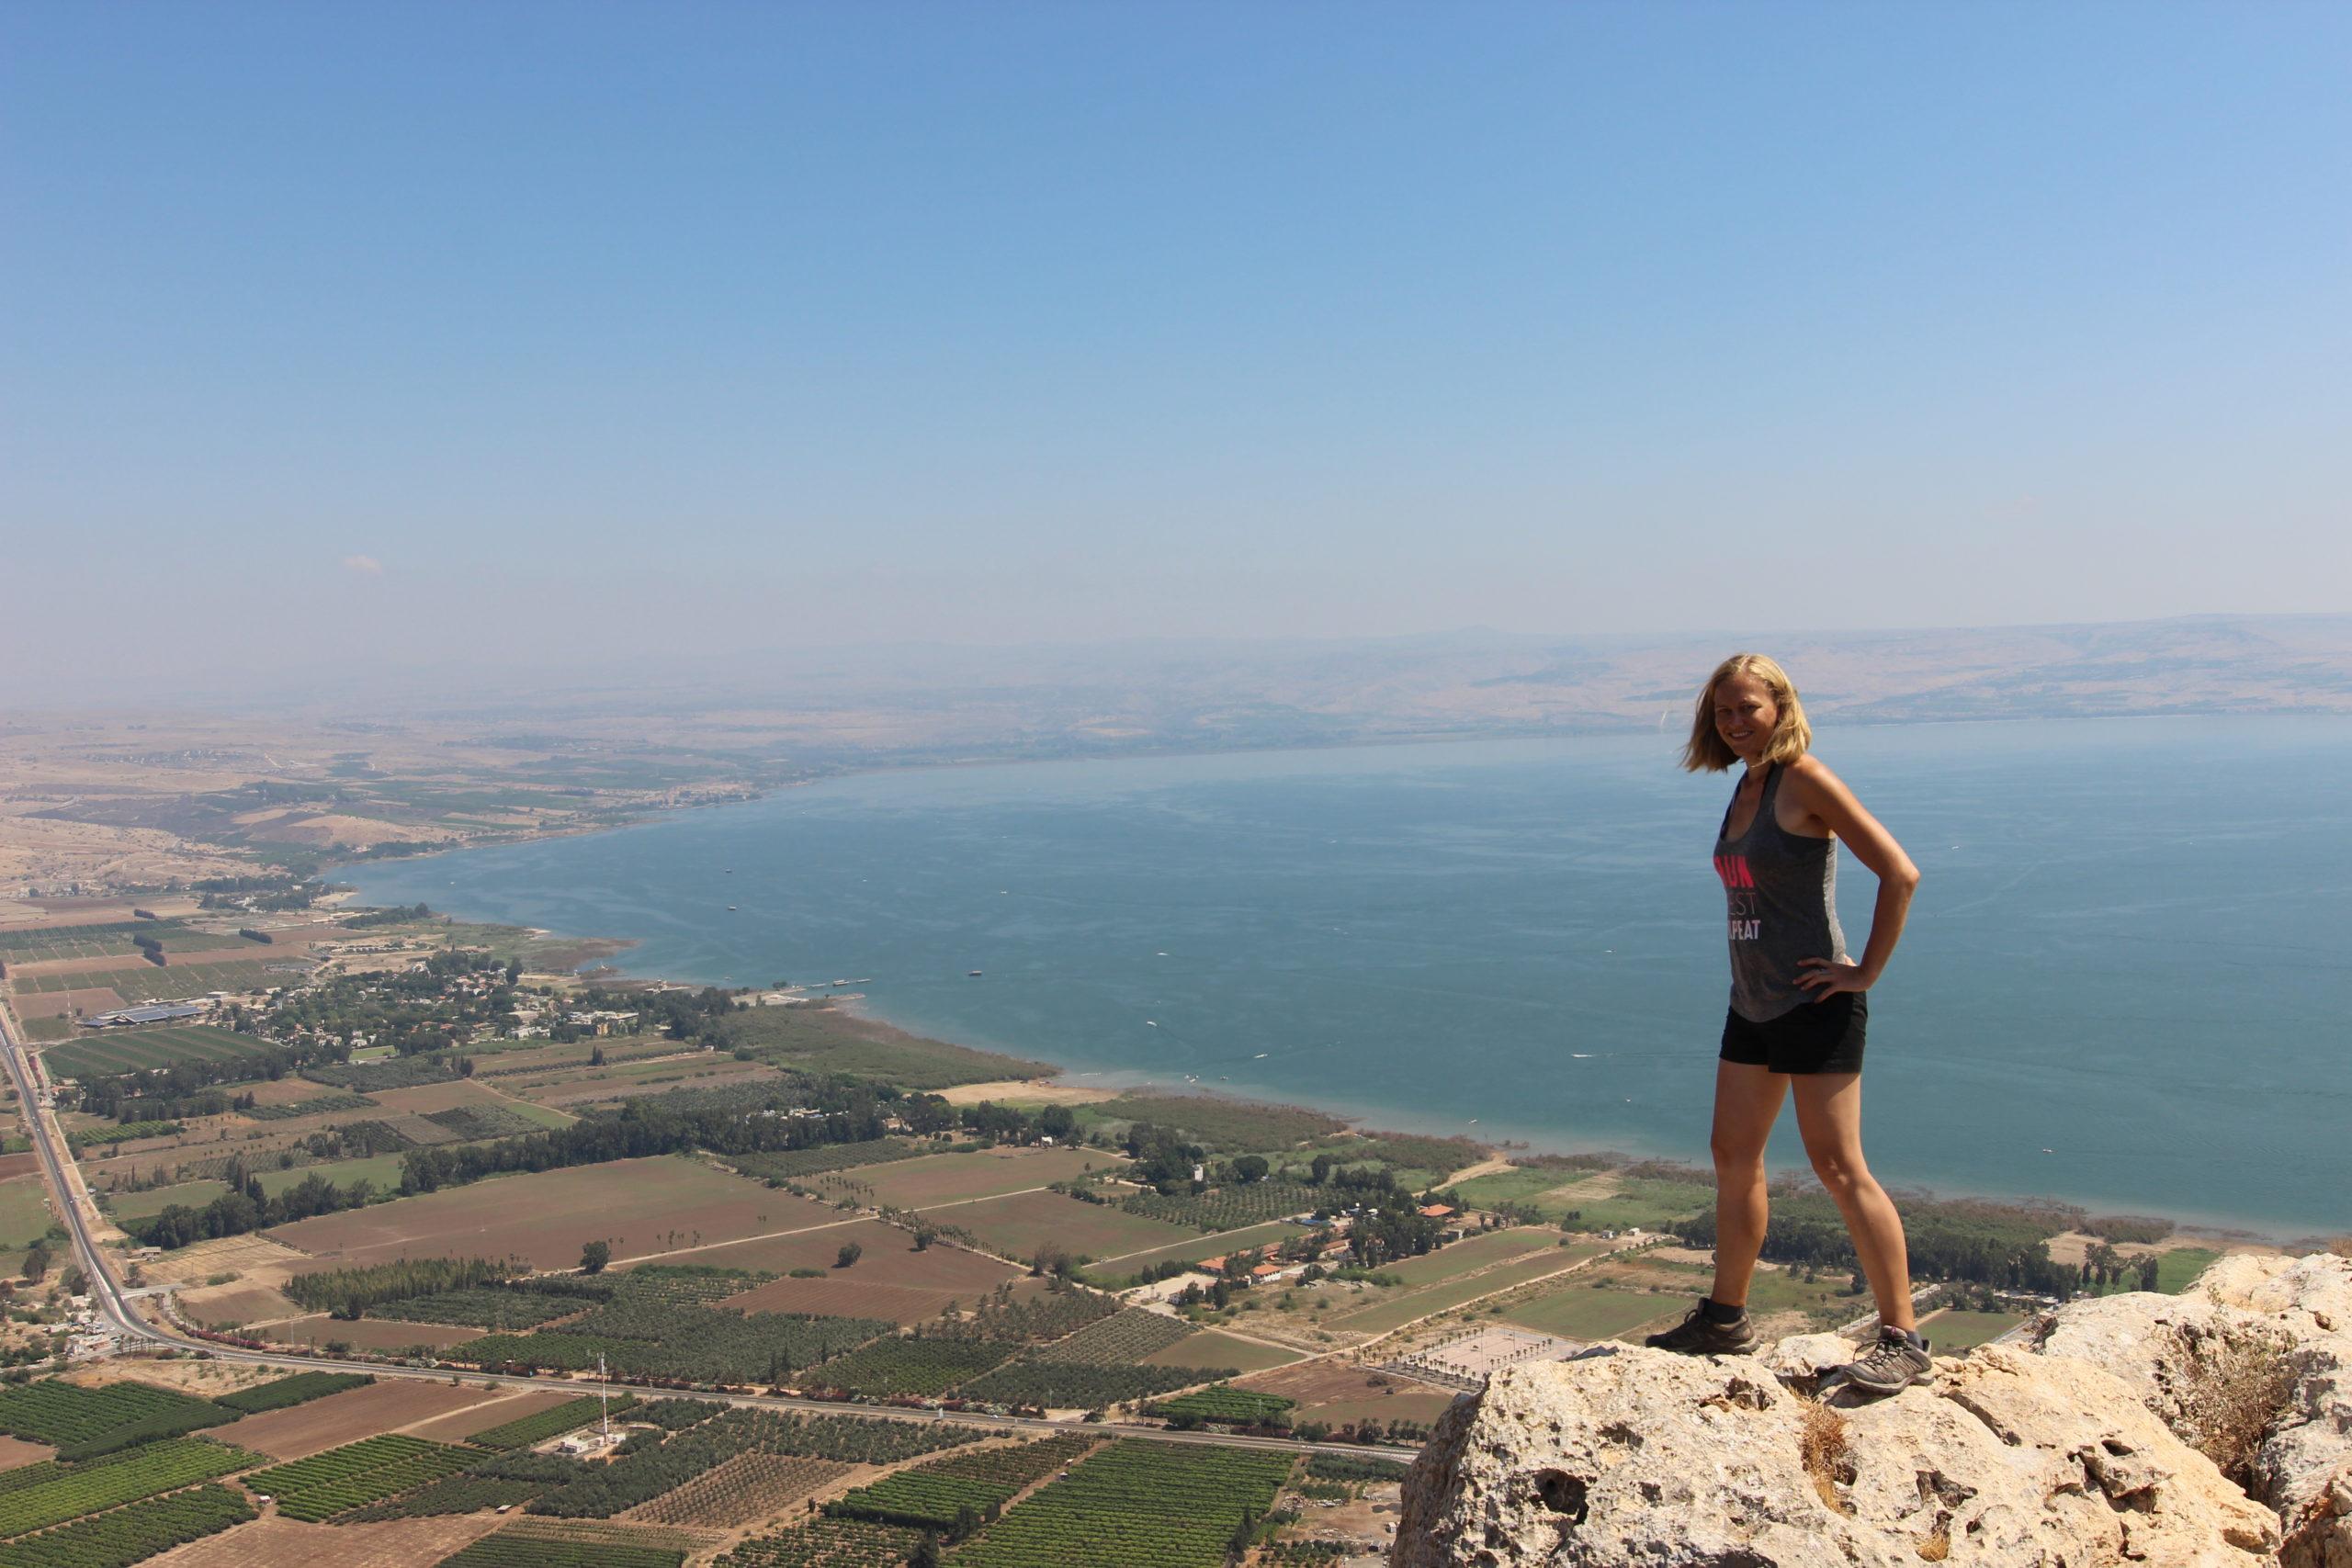 Dani hiking in Israel